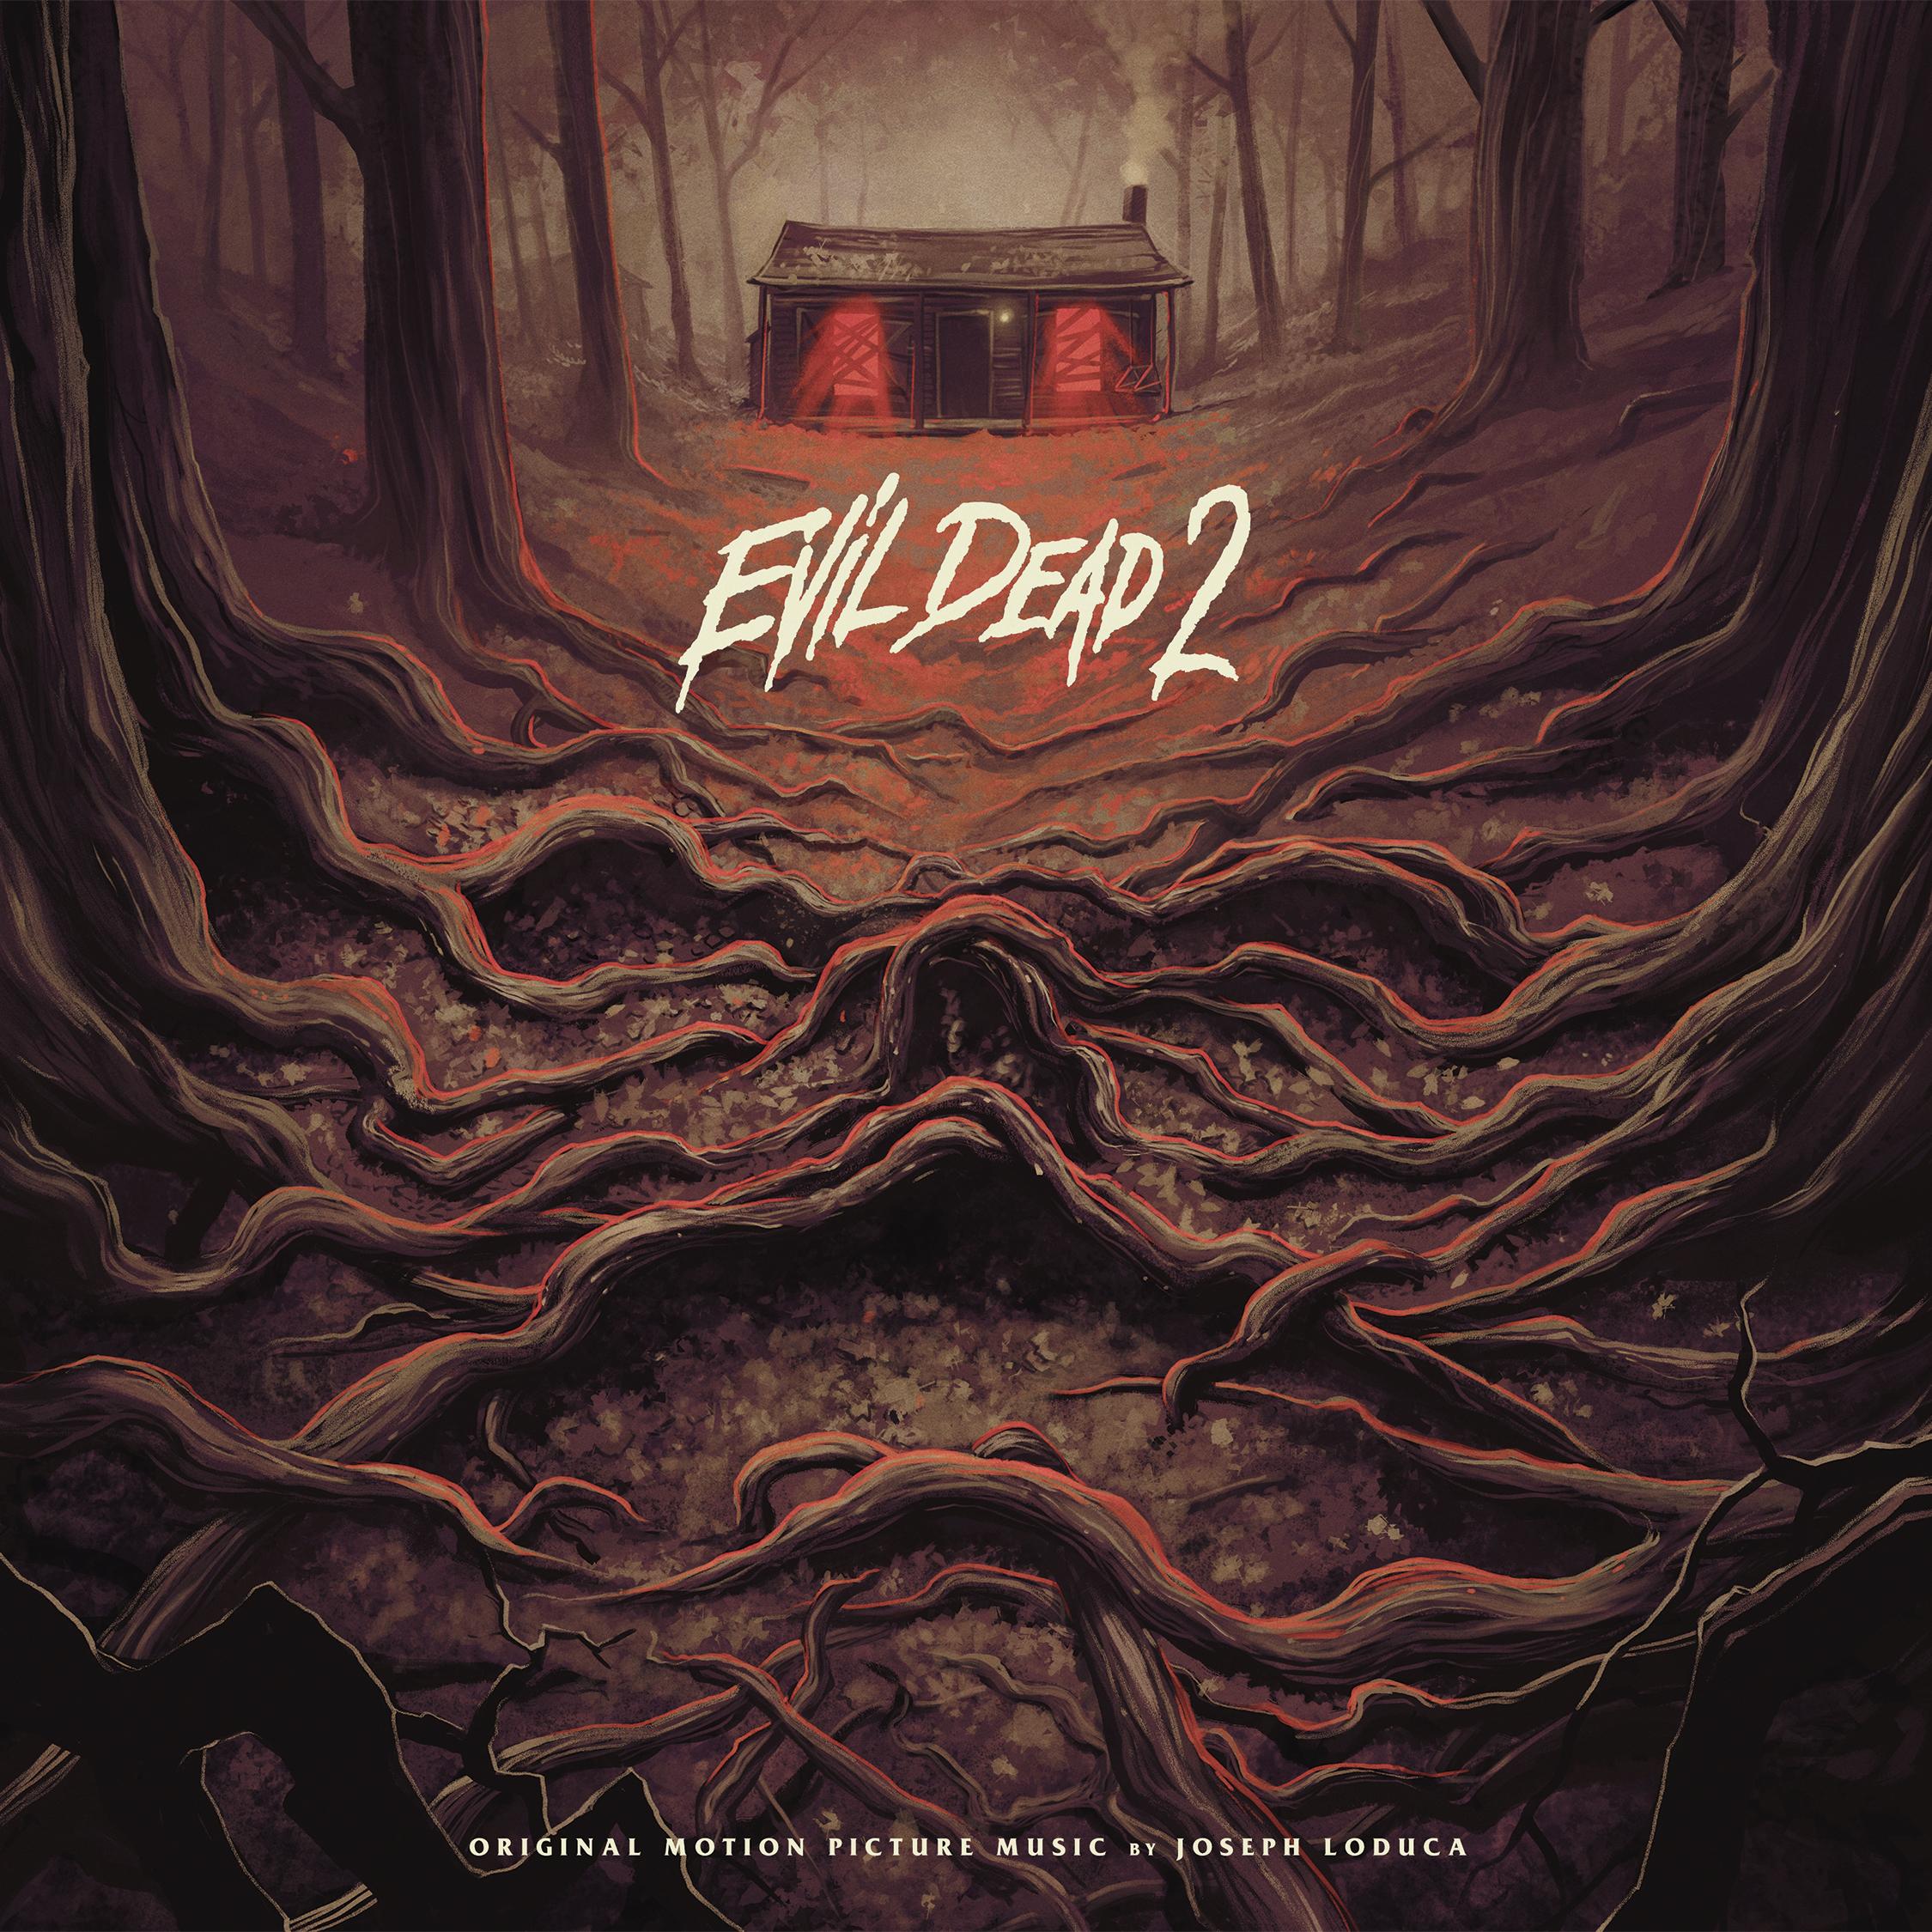 Evil Dead 2 Light In The Attic Records